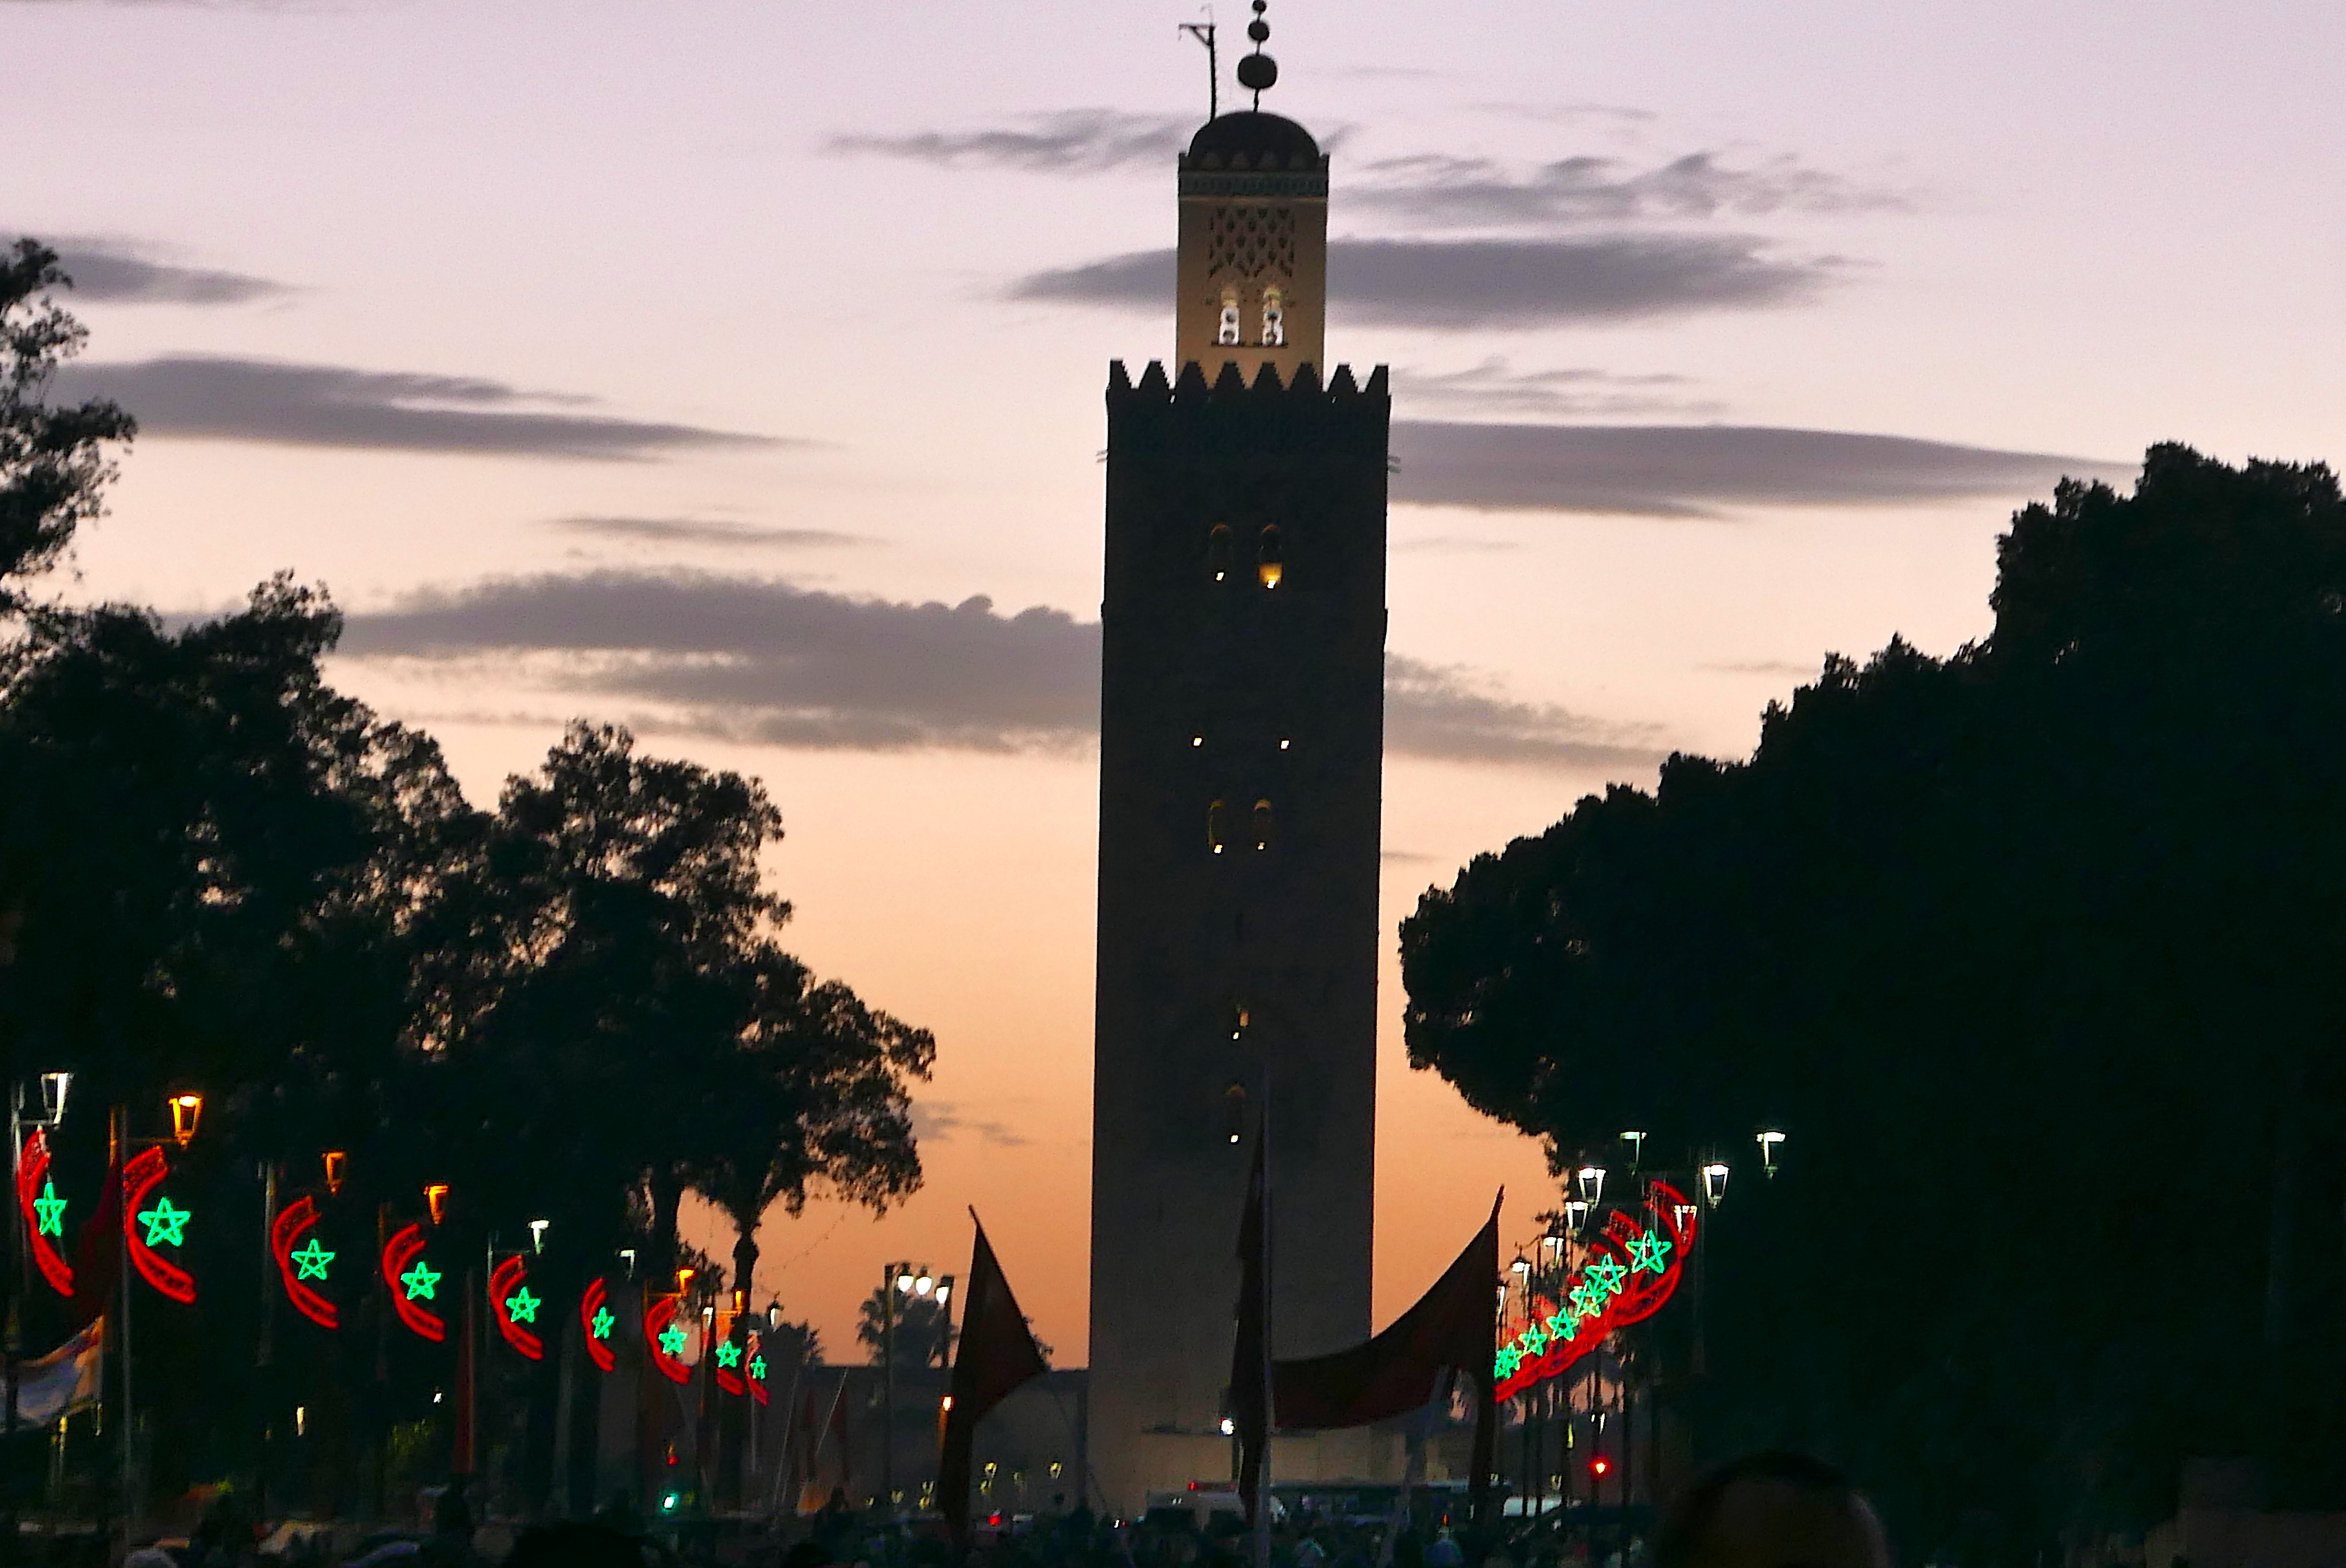 Voltar para o hotel com a imagem da Mesquita Koutoubia, sob o pôr do sol, foi uma das recompensas